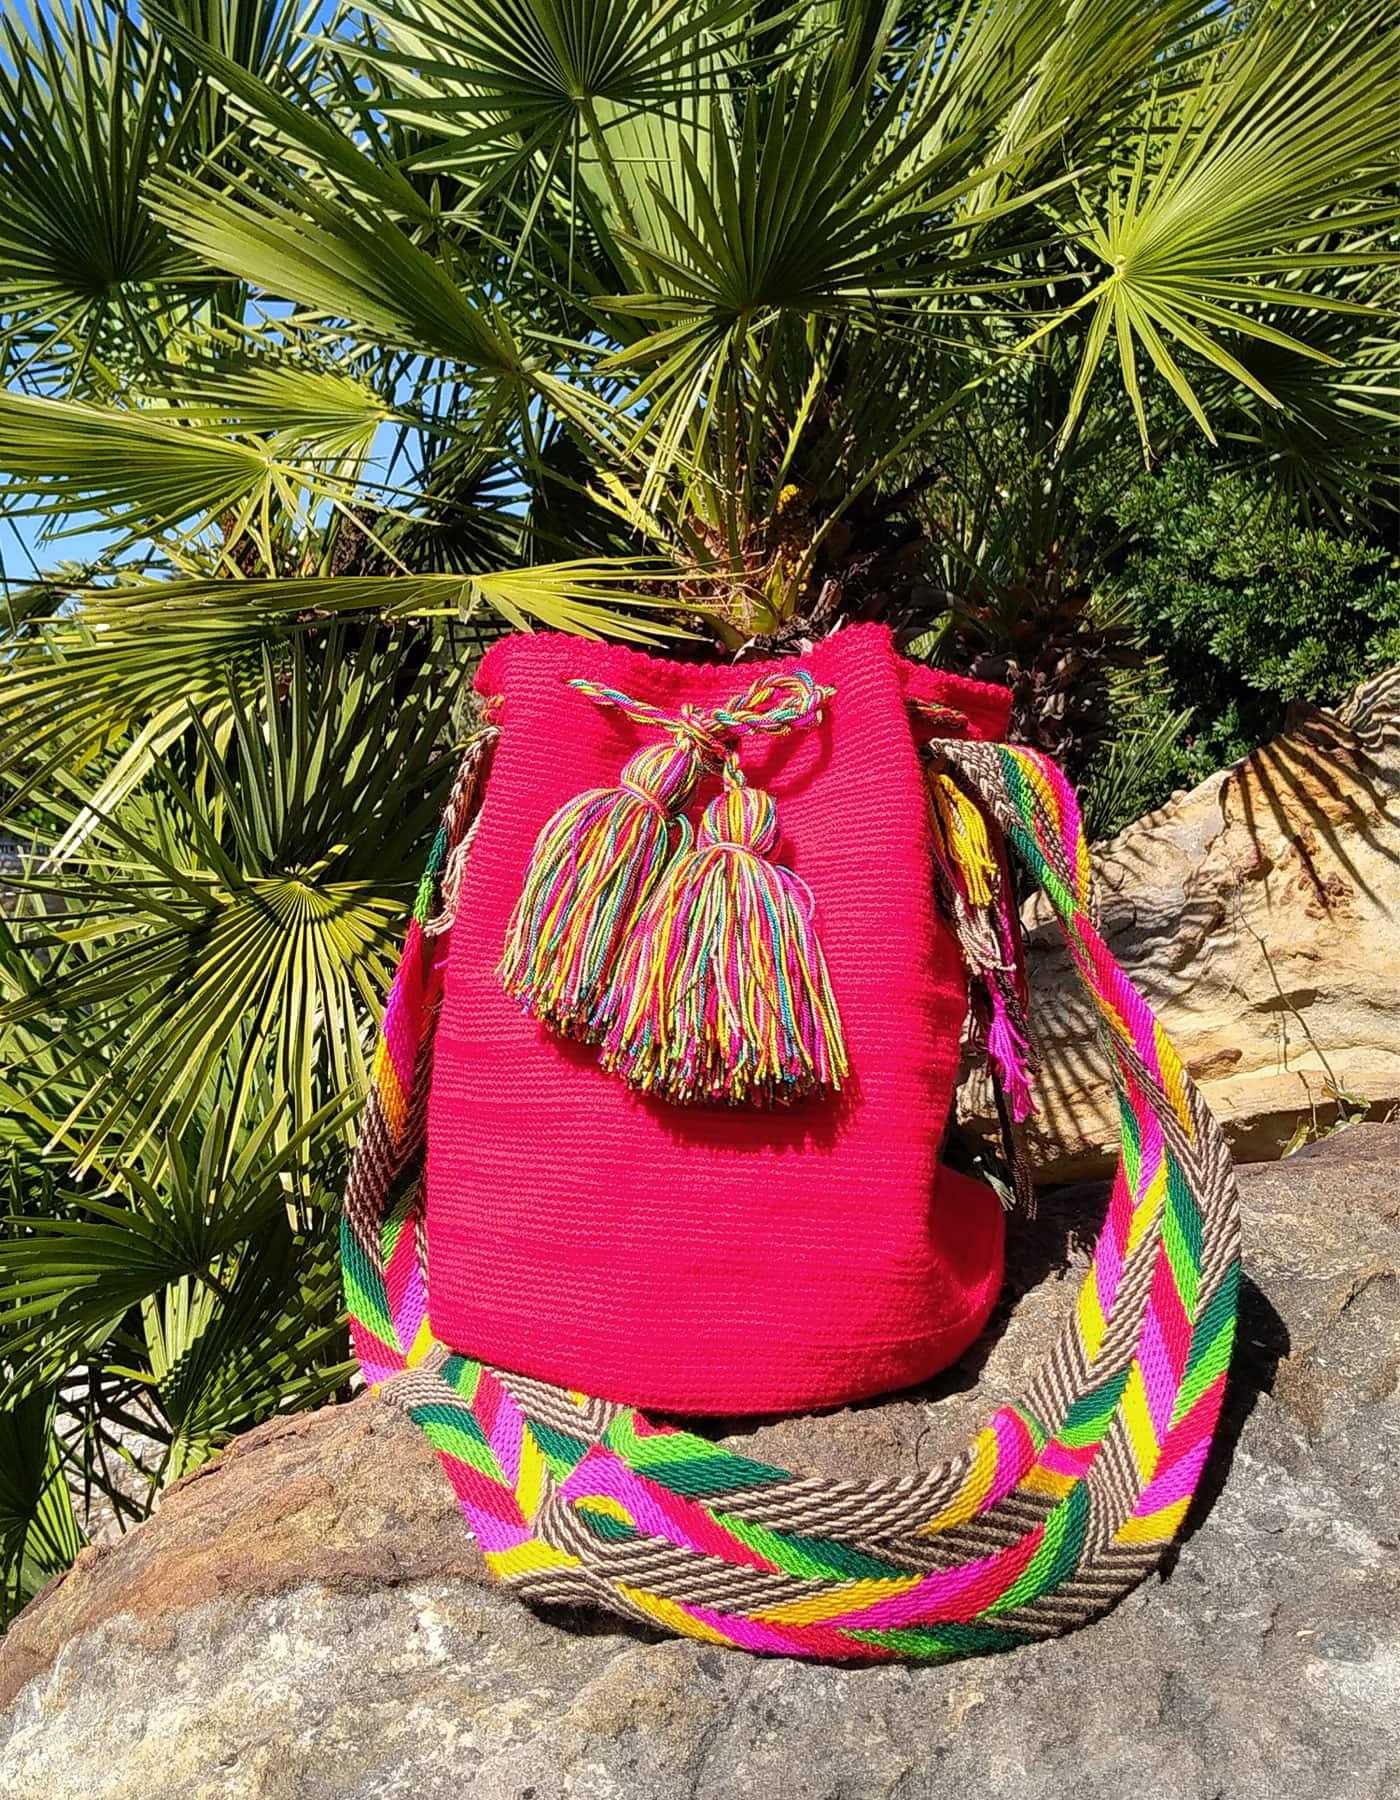 Bolso Wayuu Artesanal, Auténtico y Original (sólo 1 igual) liso en rosa, amarillo, verde, verde oscuro, blanco y negro B